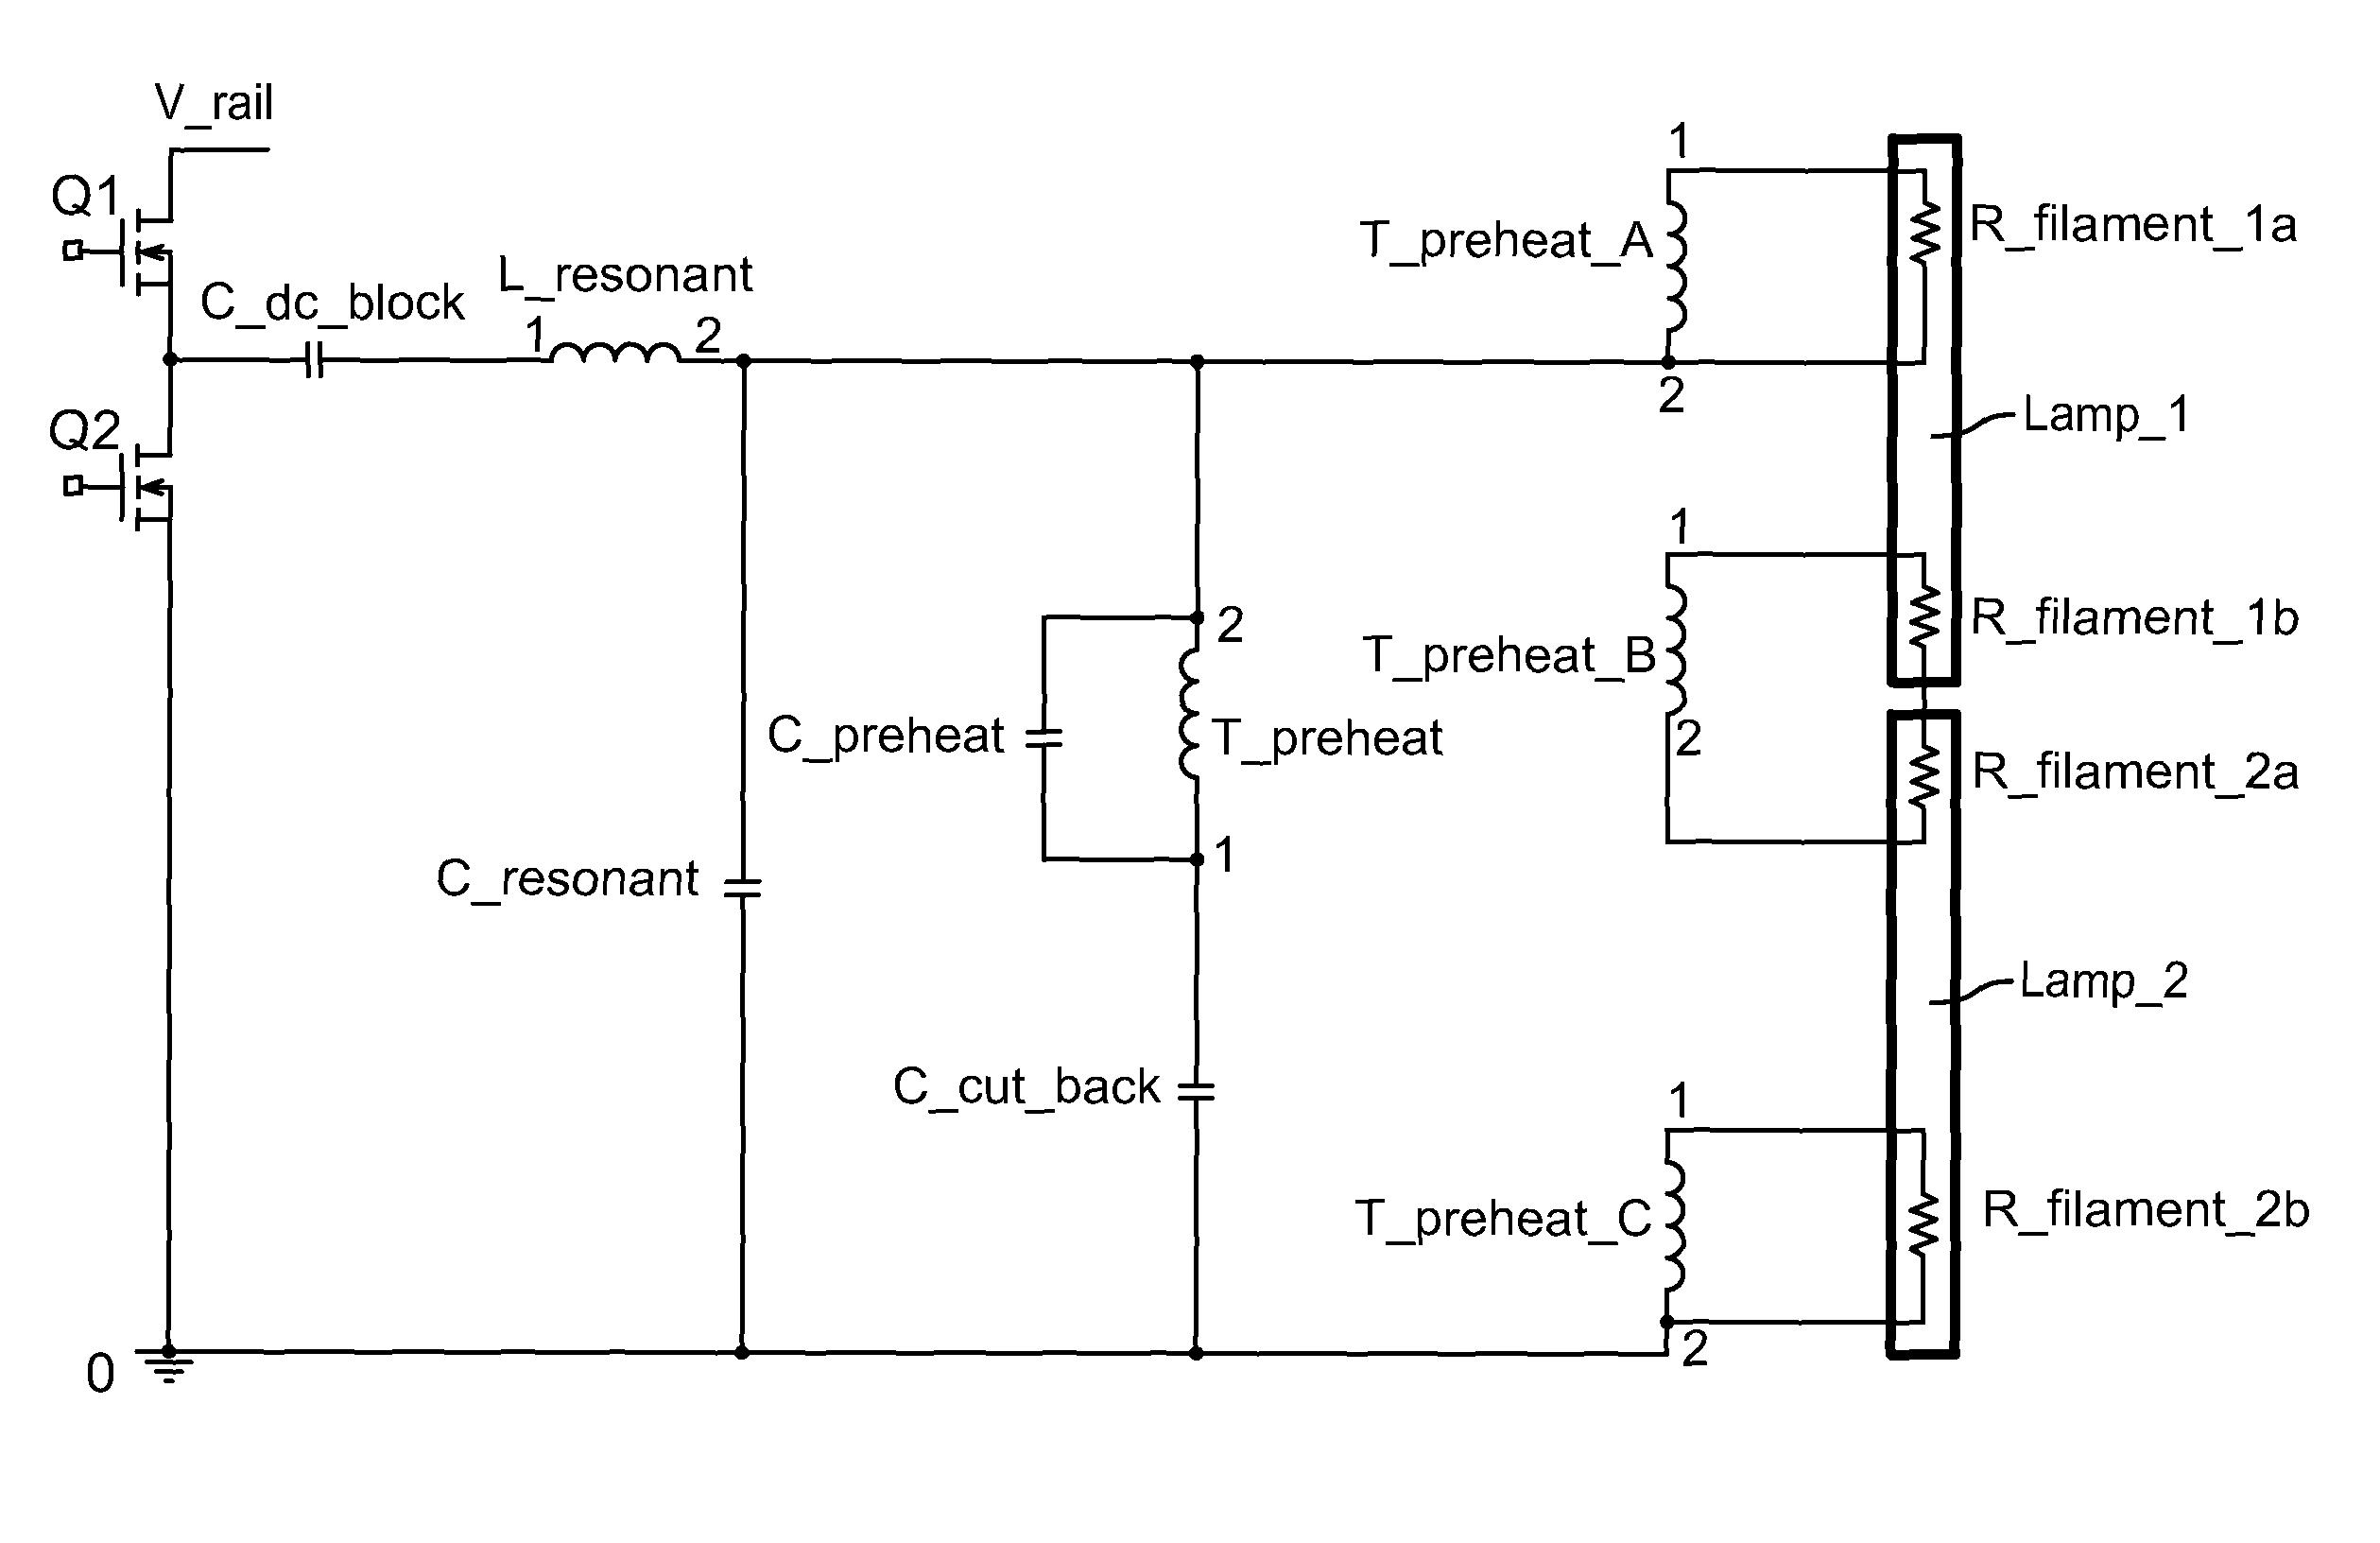 Astounding Programmed Start Ballast Wiring Diagram Programmed Circuit Diagrams Wiring 101 Nizathateforg